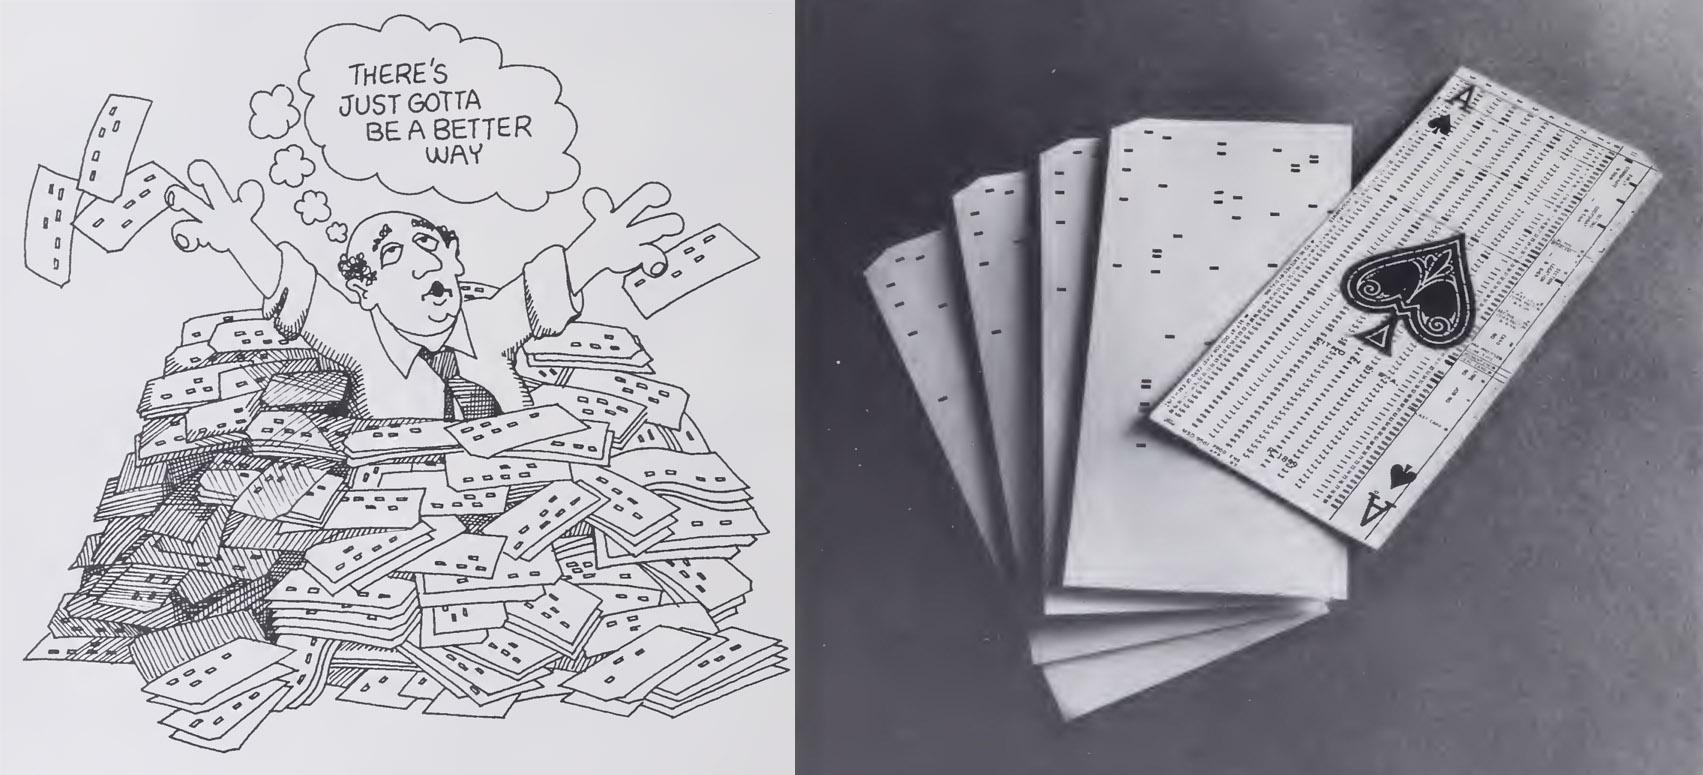 Ликбез по работе с перфокартами (или история о том, как с 1890-го по 1970-й «большие данные» обрабатывались) - 1